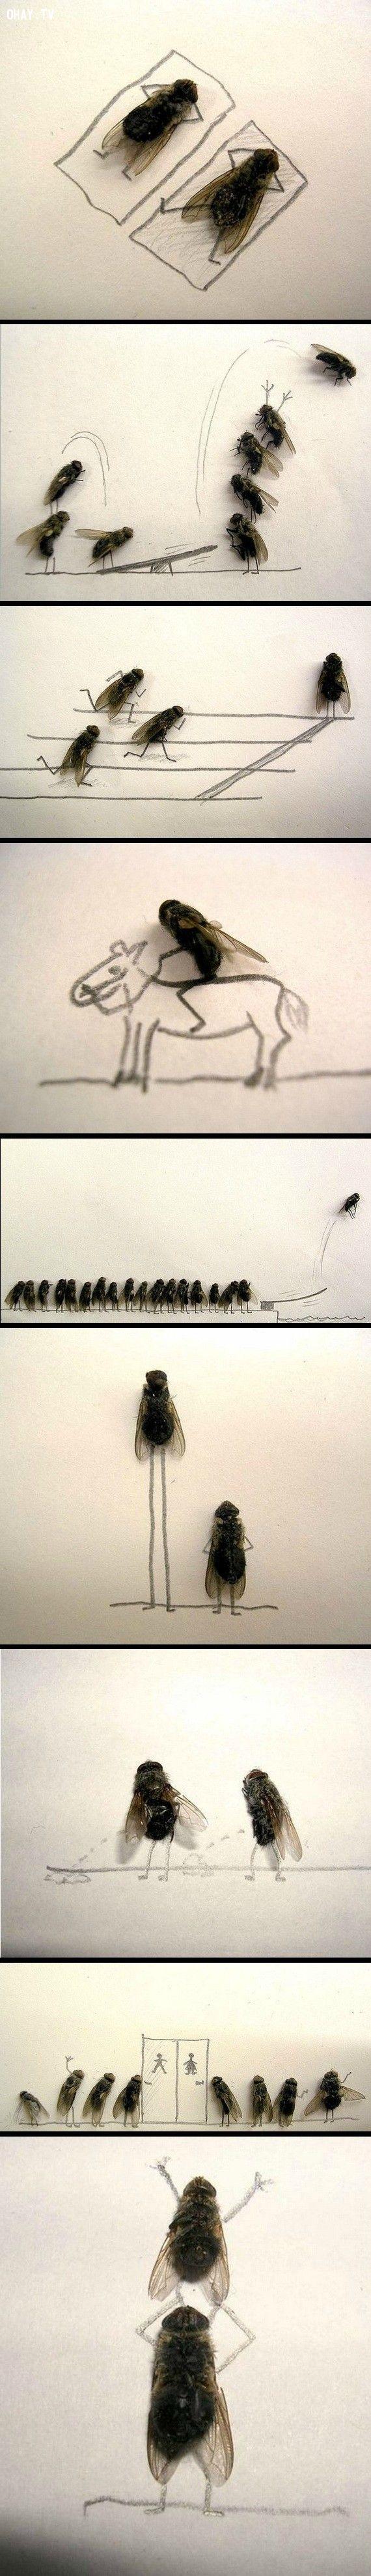 ảnh hình ảnh ruồi sáng tạo,ruồi sáng tạo,ruồi chết,sáng tạo,hình ảnh sáng tạo